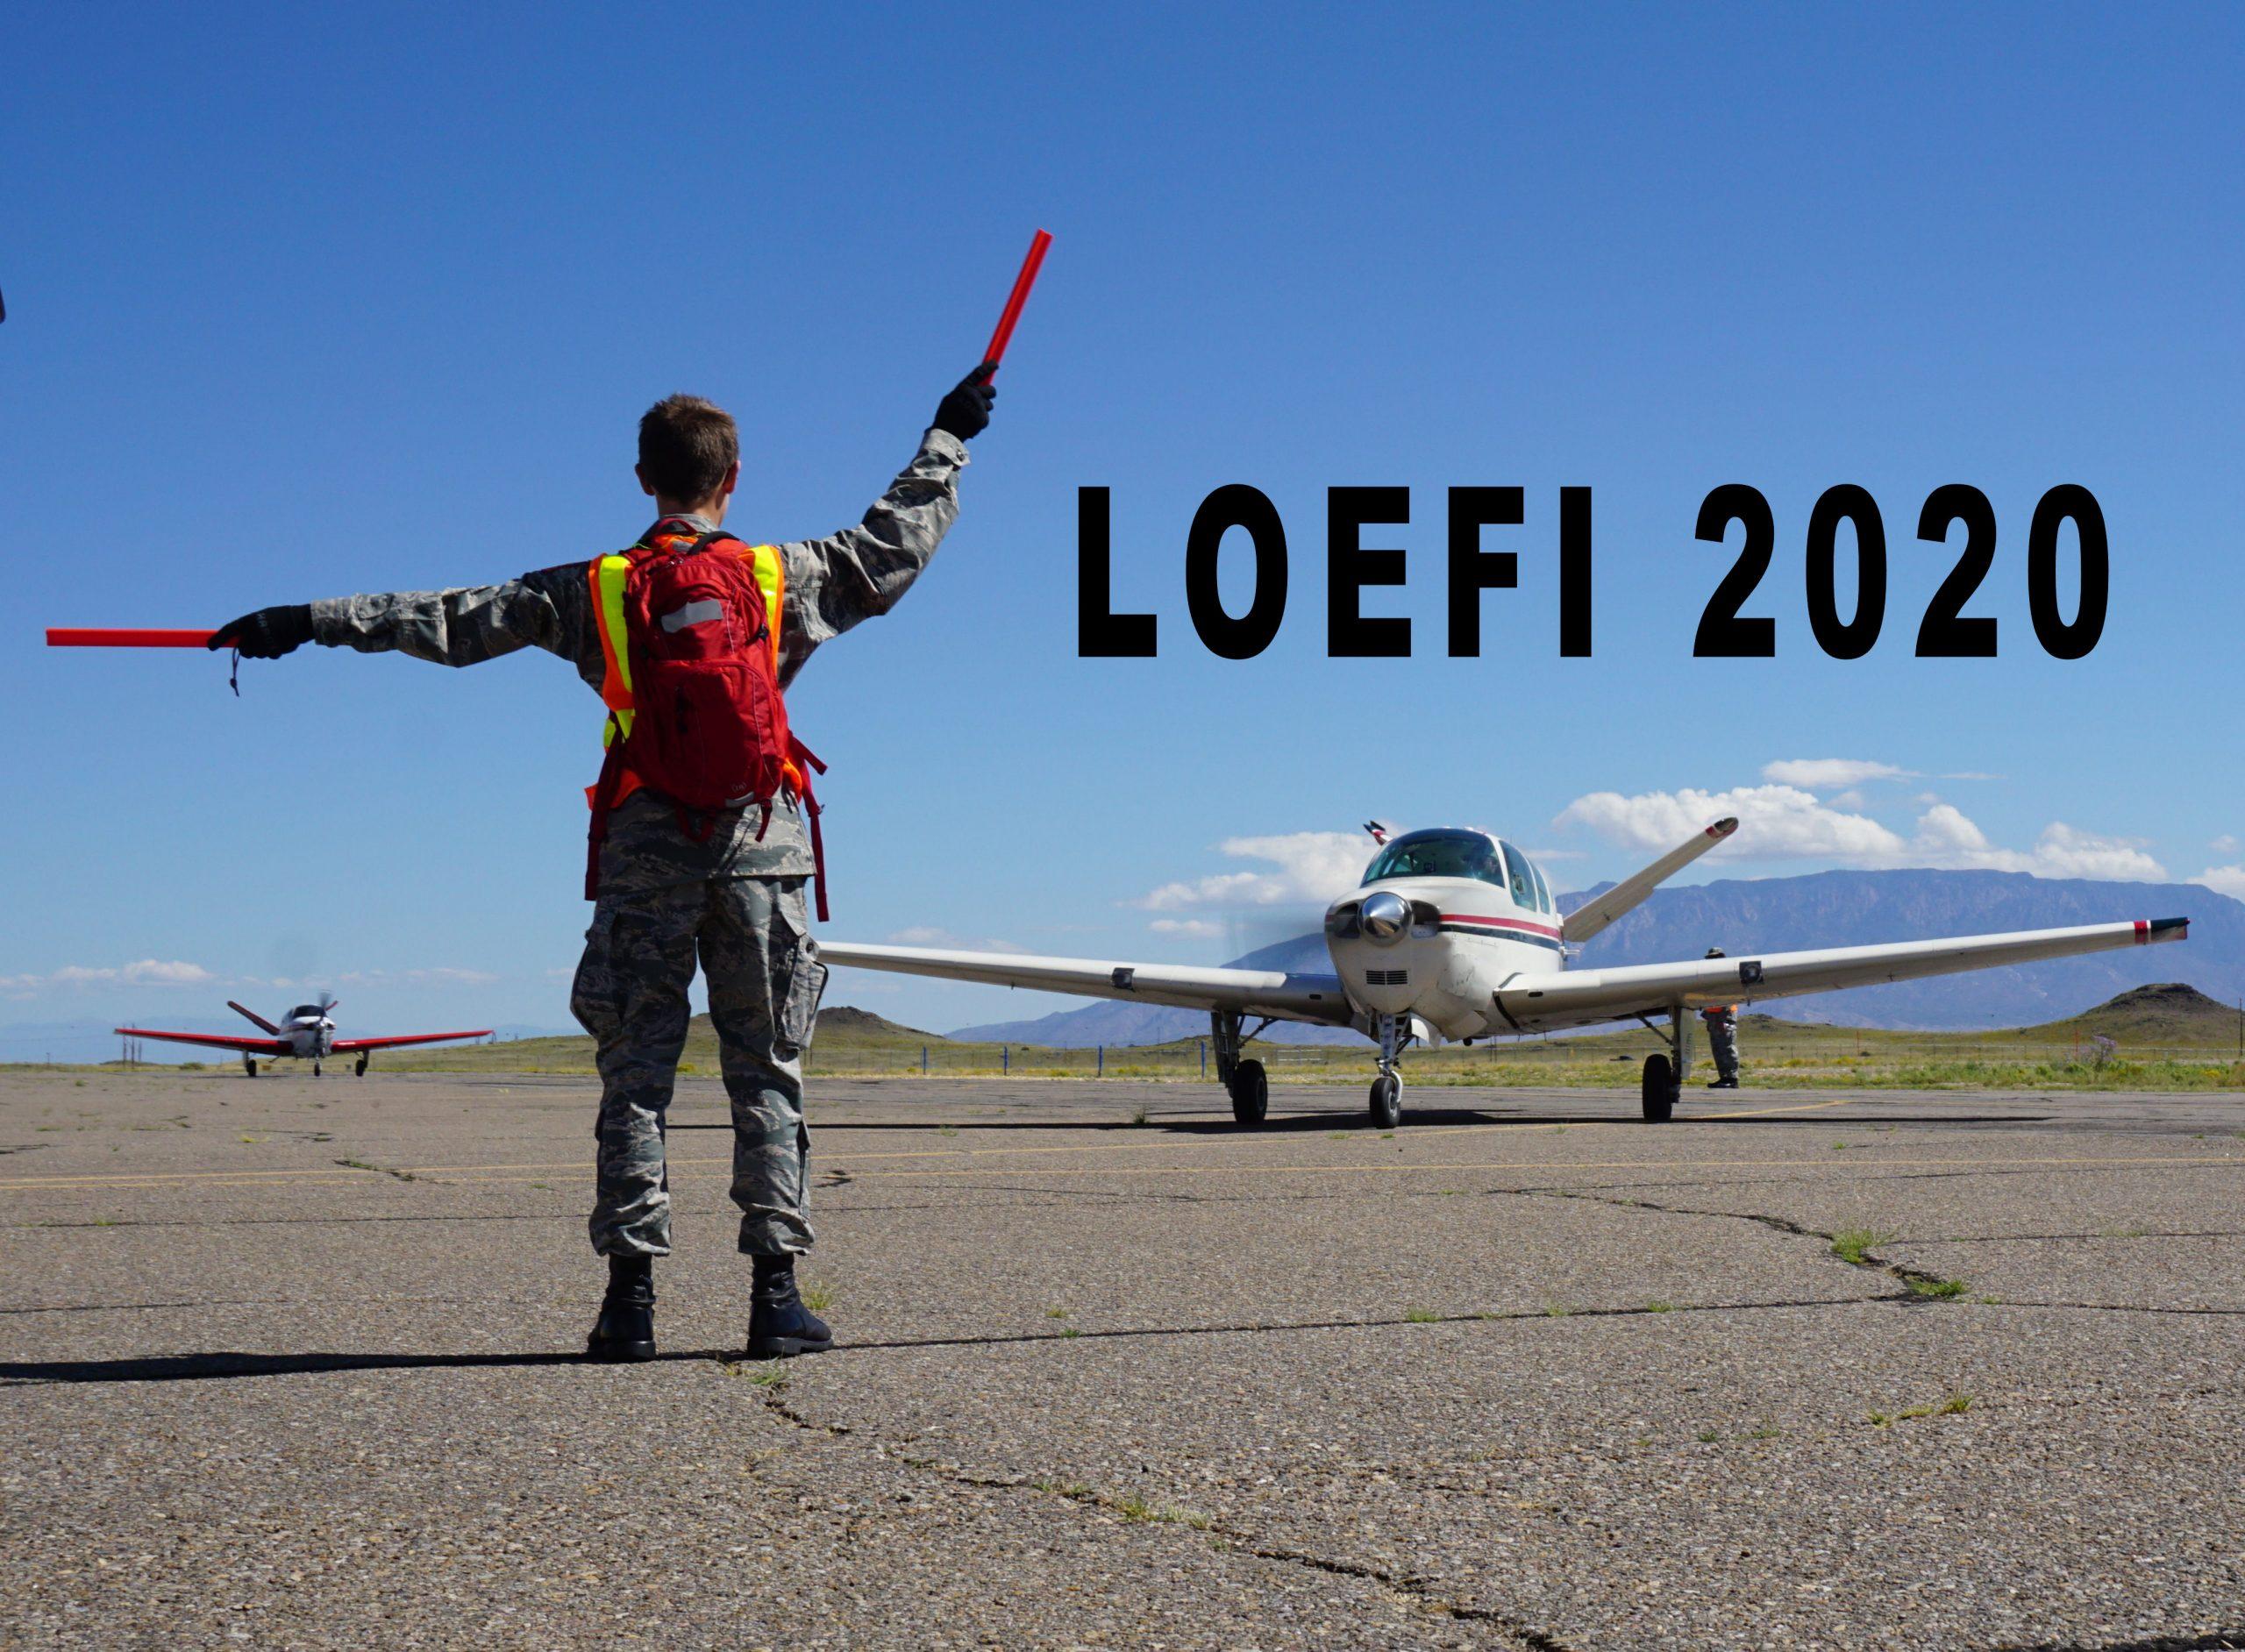 LOEFI